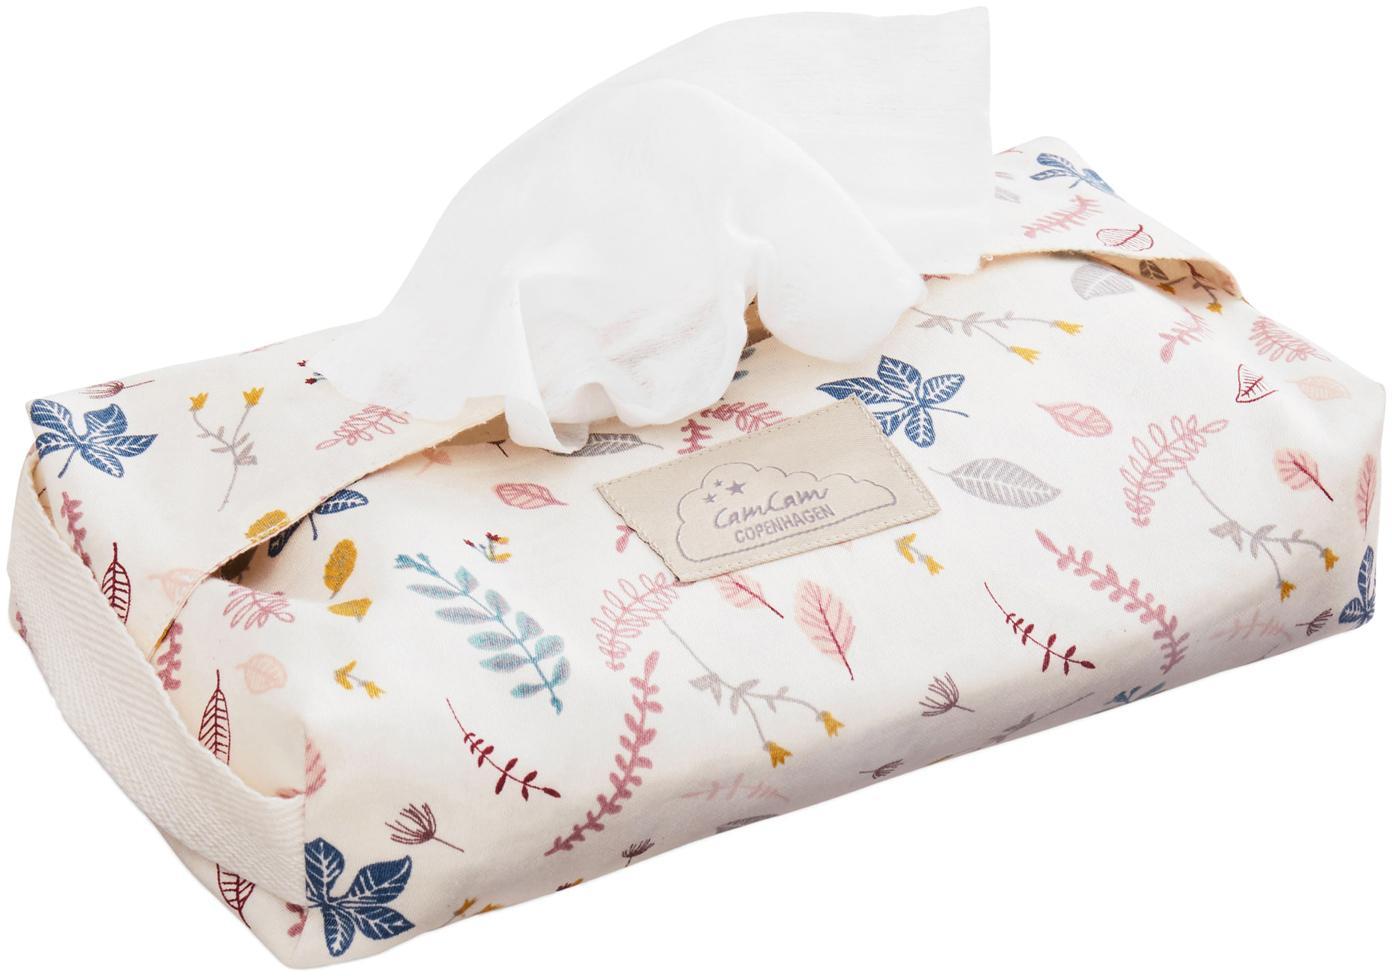 Vochtige doekjeshouder Pressed Leaves, Organisch katoen, Crèmekleurig, roze, blauw, grijs, geel, B 25 x D 17 cm